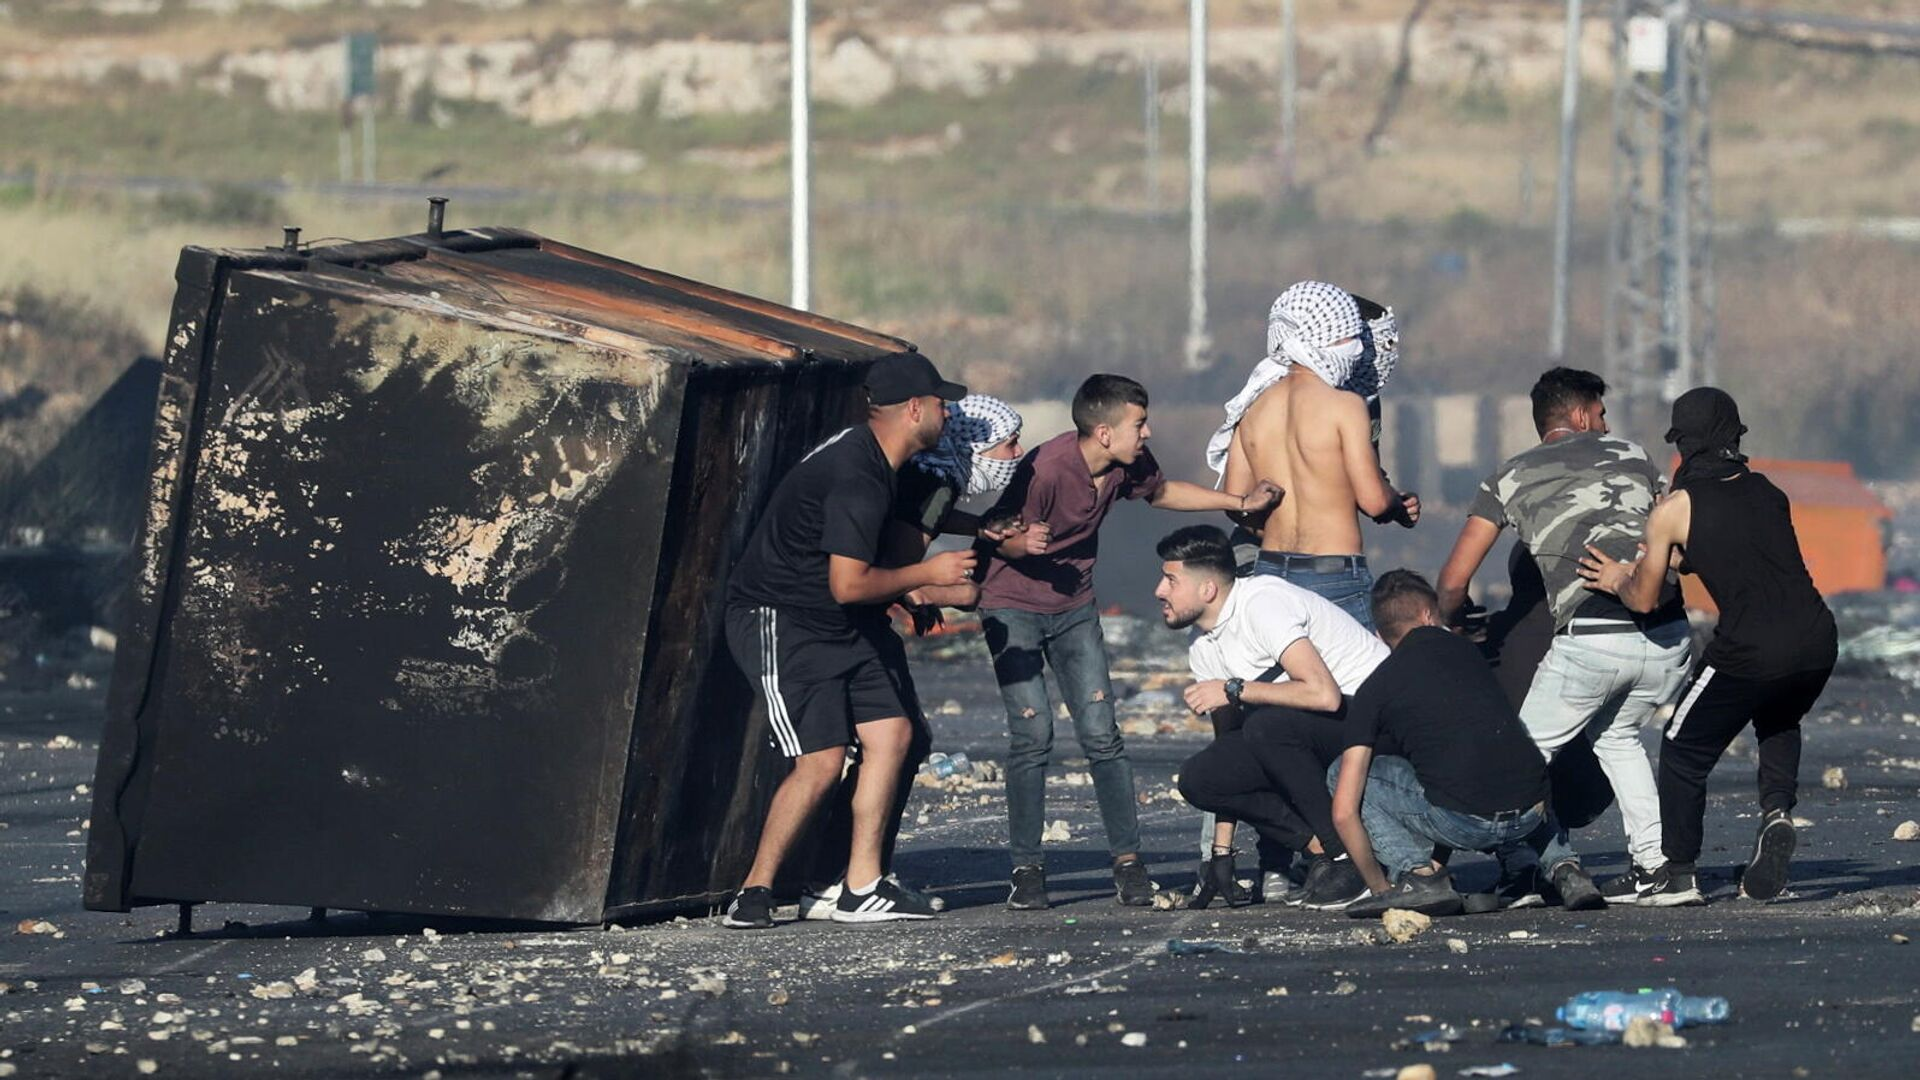 Столкновения между палестинцами и израильскими силами безопасности недалеко от поселения Бейт-Эль в районе Рамаллаха на Западном берегу - РИА Новости, 1920, 18.05.2021